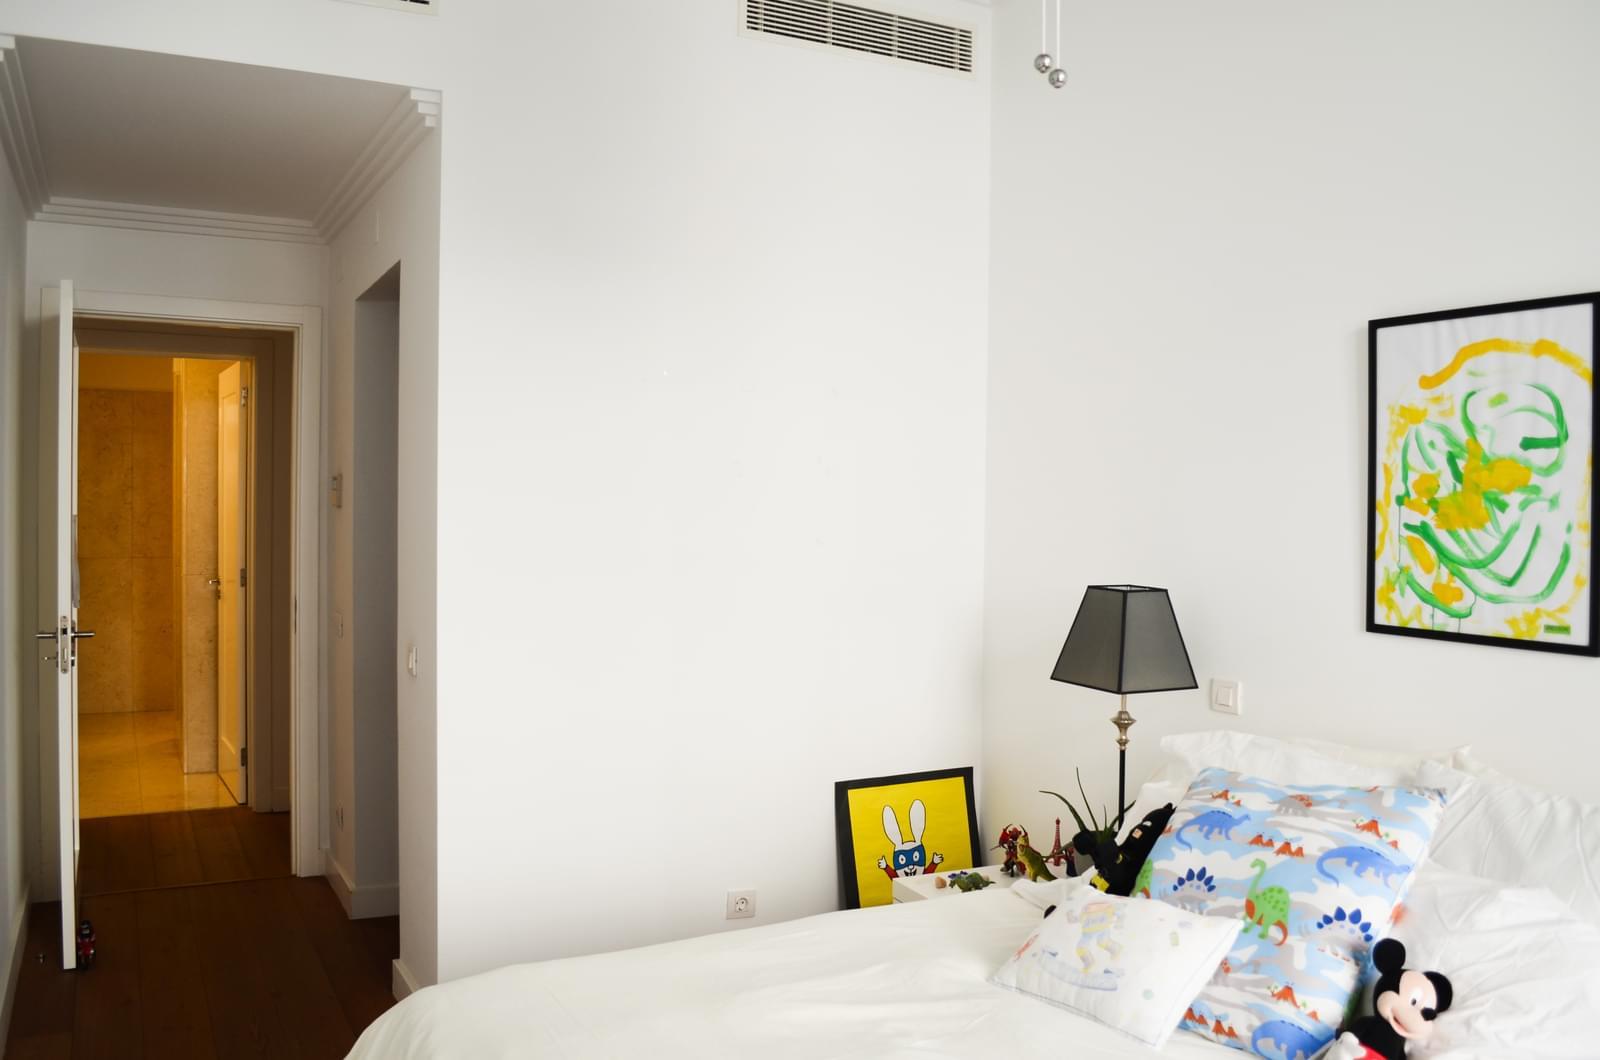 pf18712-apartamento-t2-lisboa-613c23a6-f927-4869-b5c5-862651f44ee4